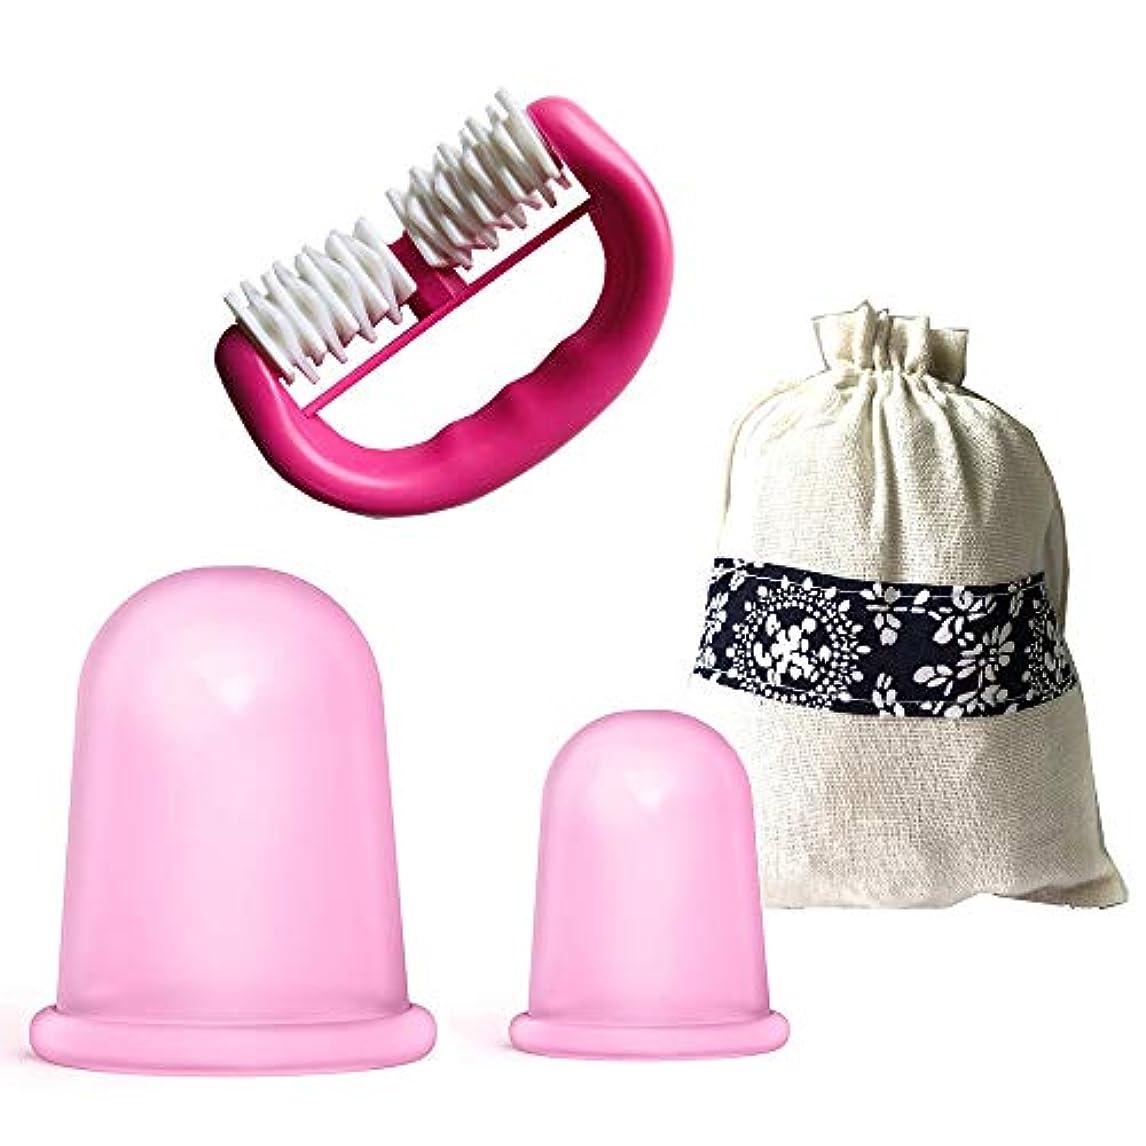 量健康広くセルライトカッピングセラピーセットシリコンカッピングマッサージカップモイスチャーガシャ+ローラーマッサージャー付きギフトバッグ,Pink